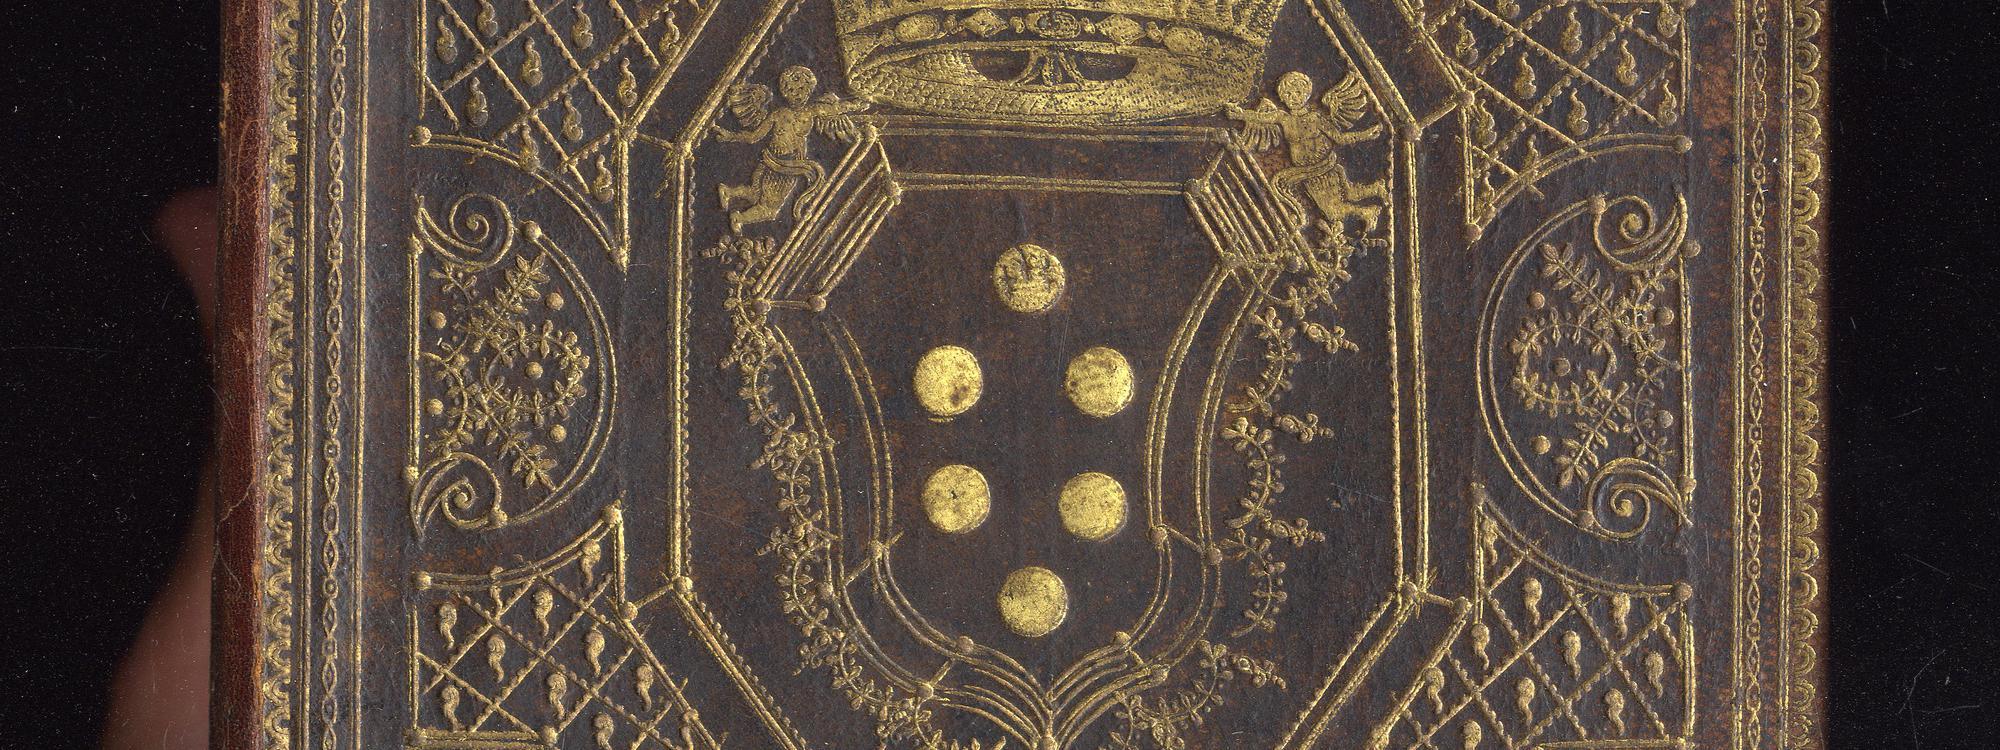 <strong>Descrizione delle feste fatte nelle reali nozze de' Serenissimi Principi di Toscana Cosimo De' Medici</strong>, e Maria Maddalena Arciduchessa d'Austria.